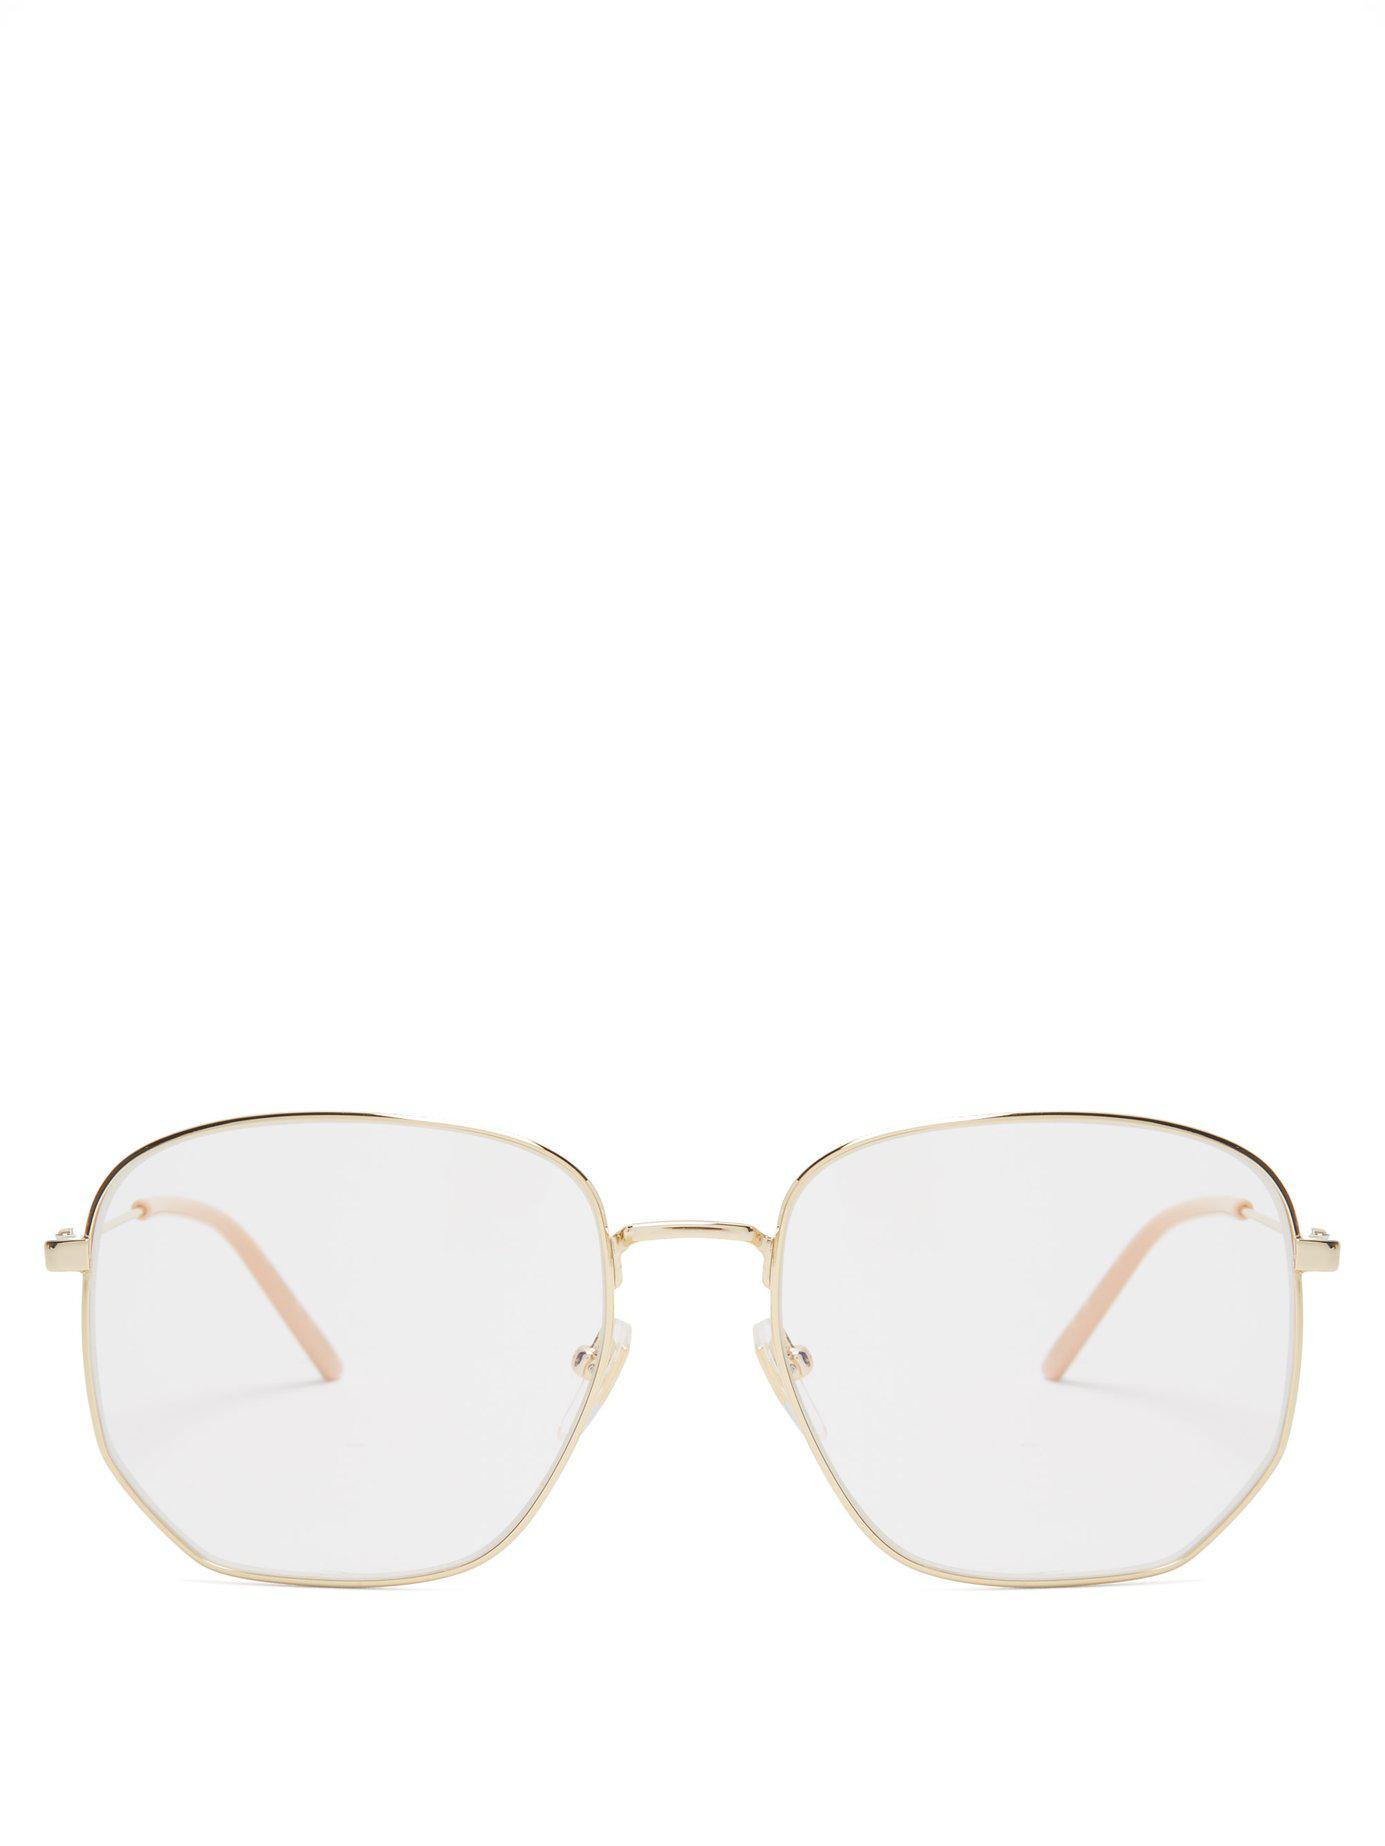 ea4af1749688 Lyst - Gucci Square Frame Metal Glasses in Metallic for Men